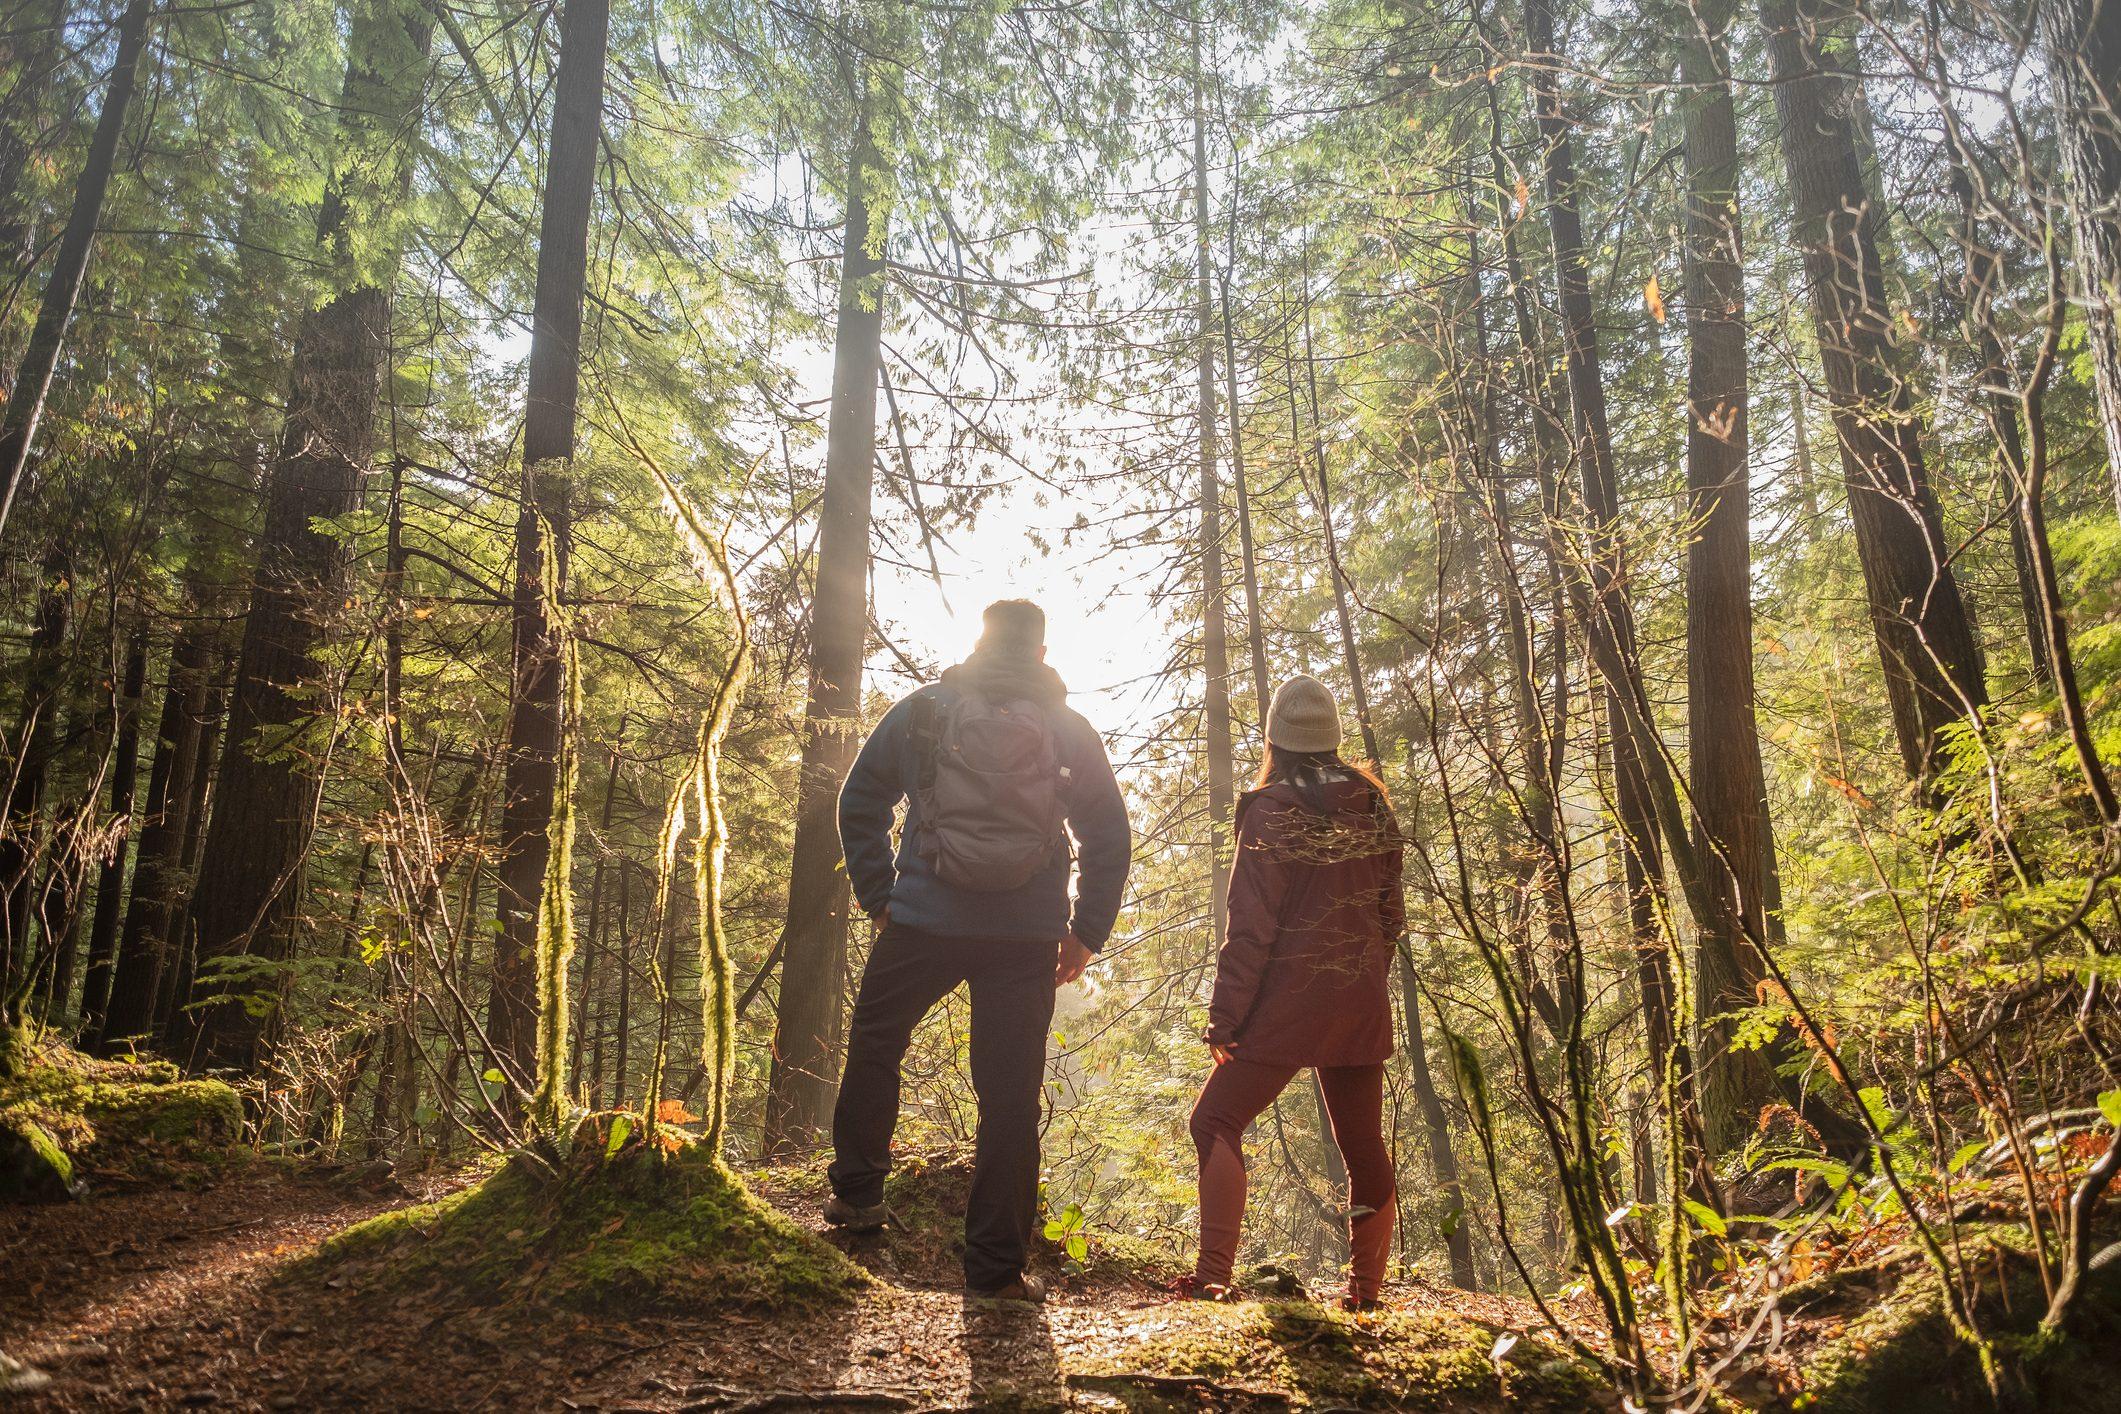 Forest bathing: cos'è e dove puoi praticarlo - Ohga!